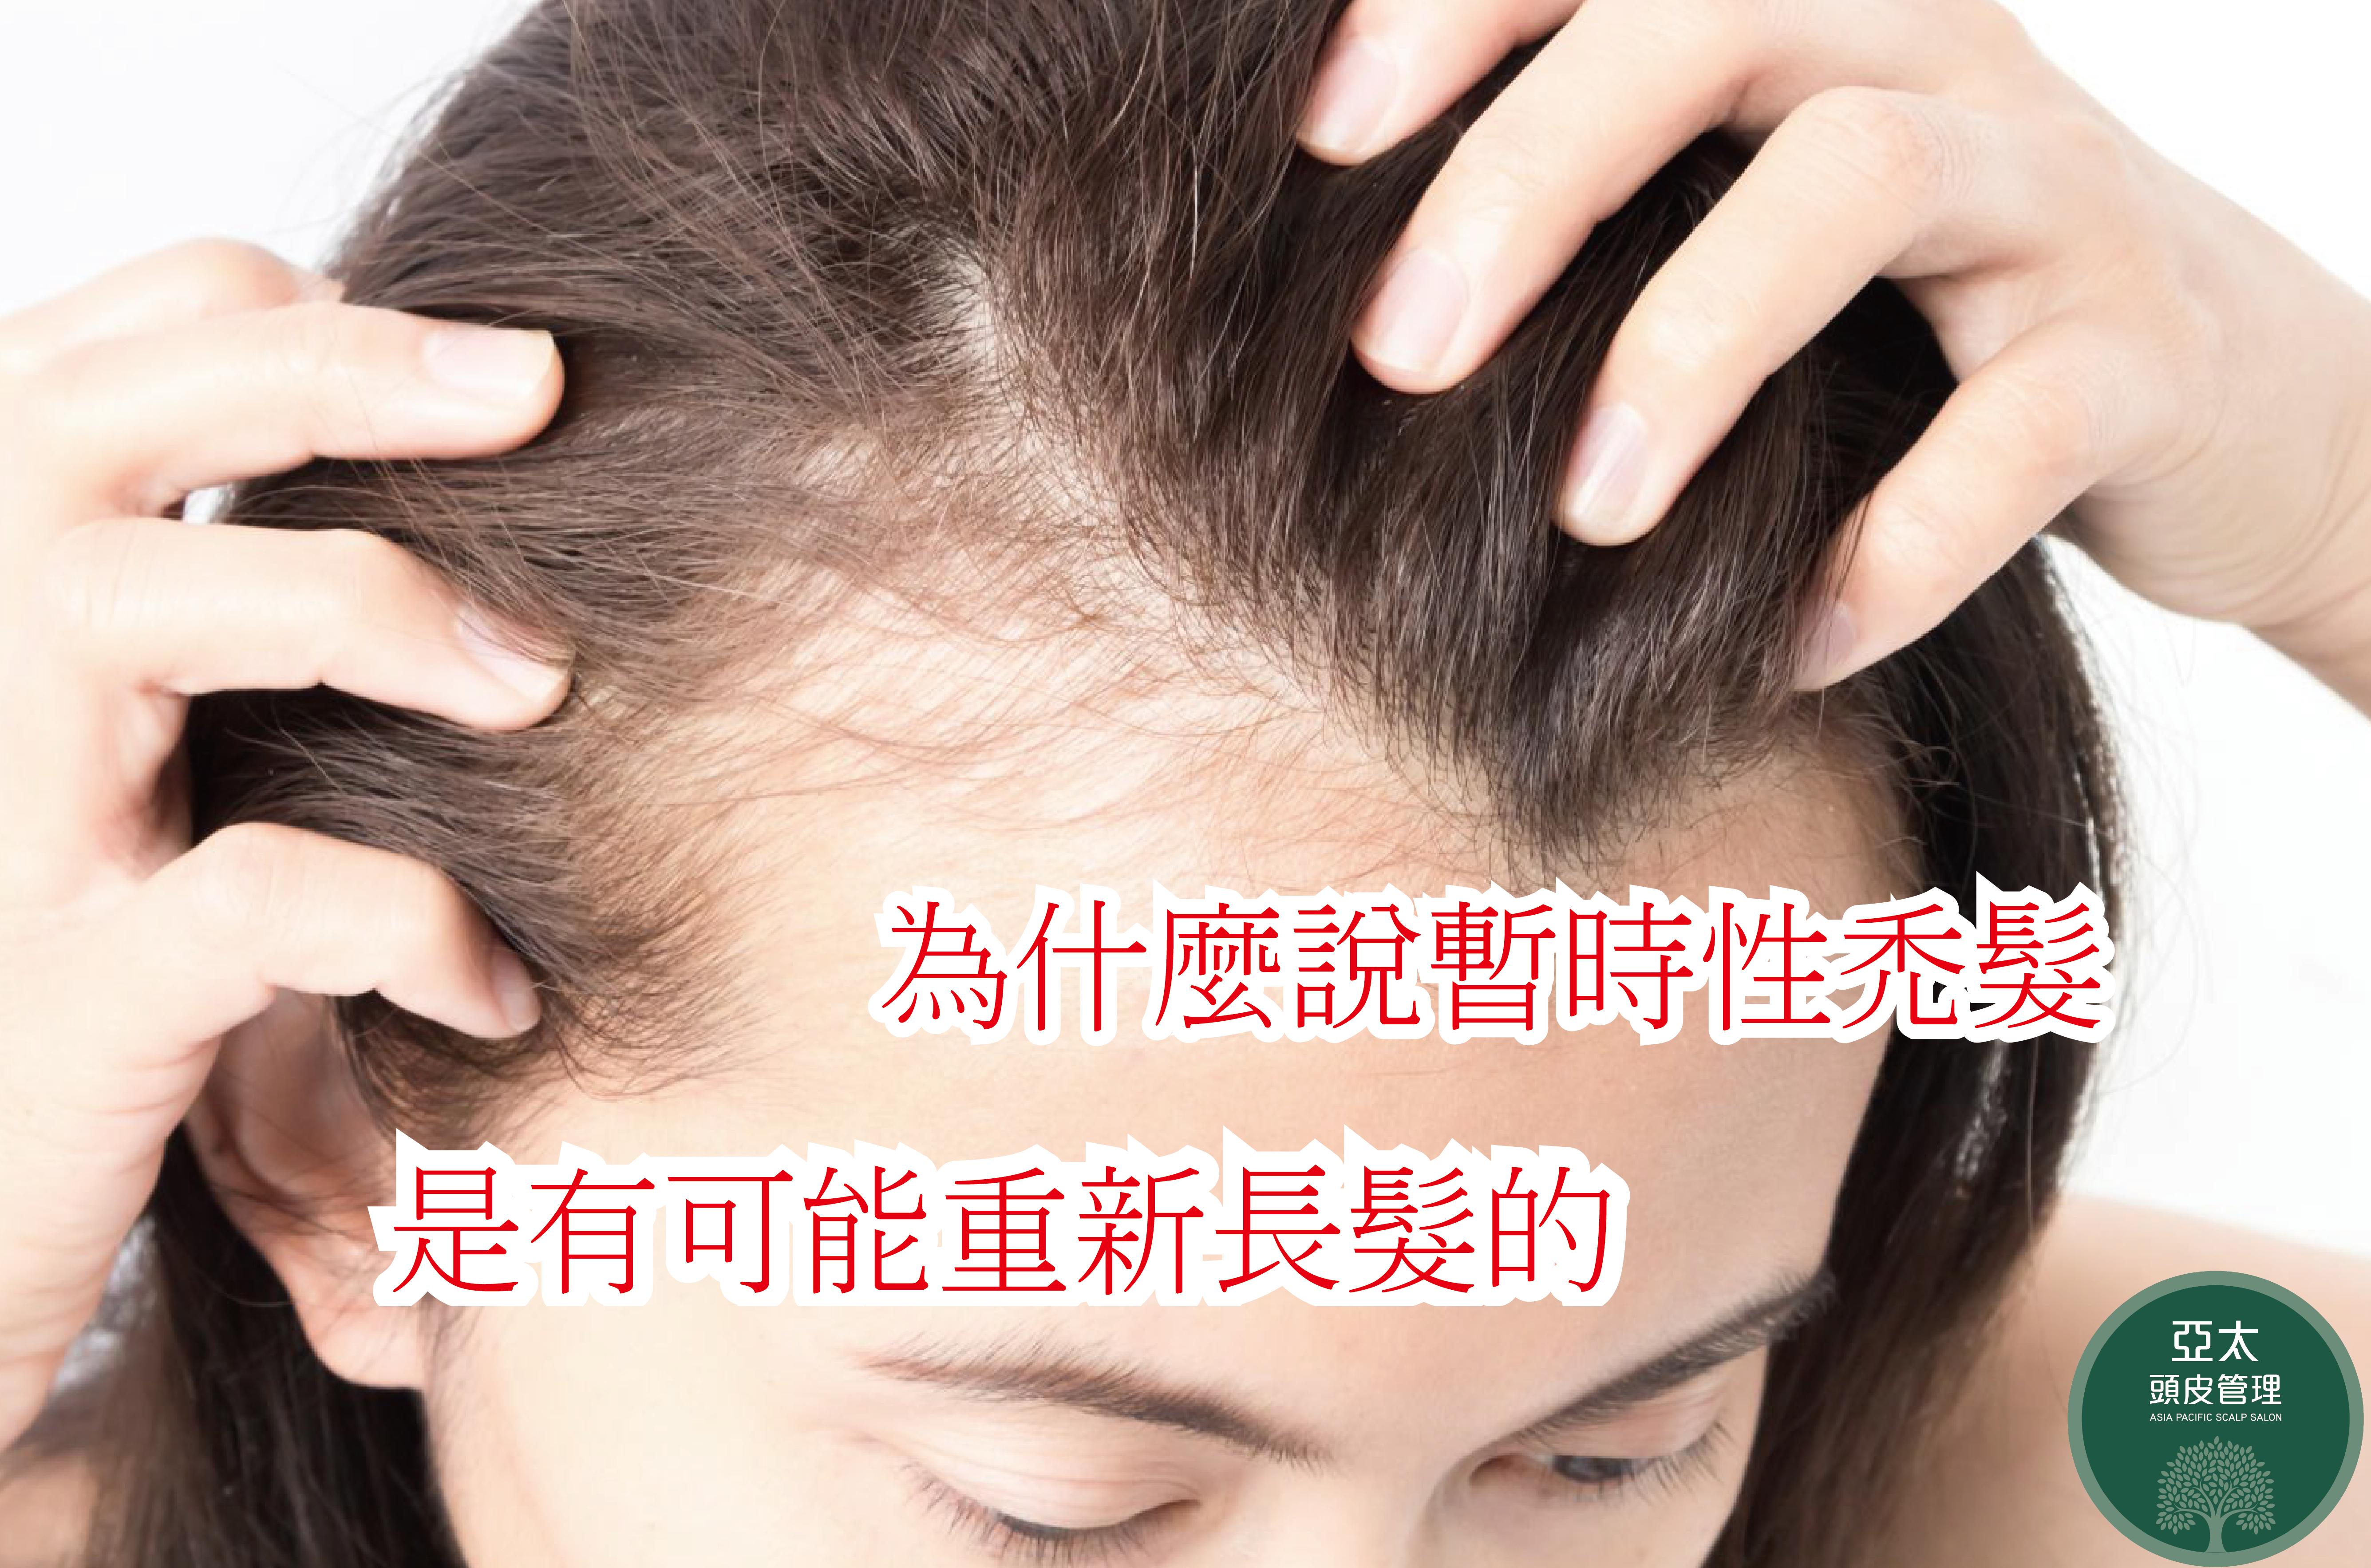 為什麼說暫時性禿髮是有可能重新長髮的-01